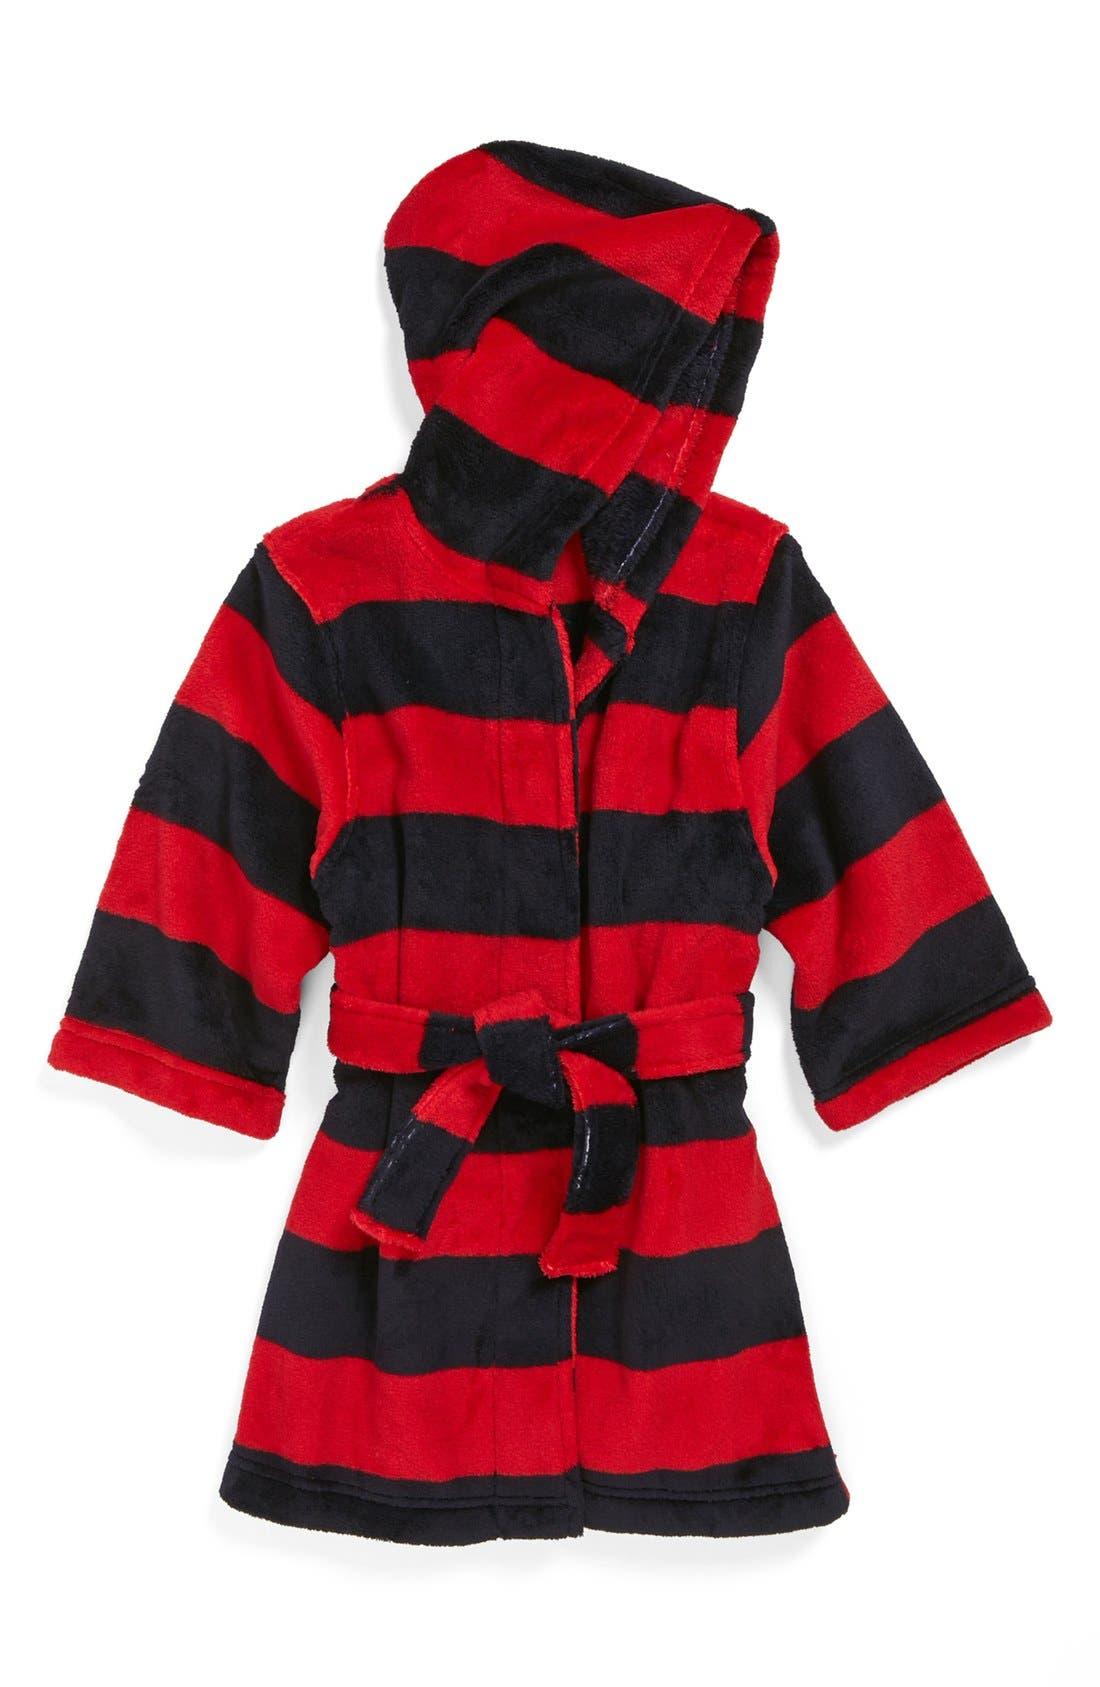 Alternate Image 1 Selected - Tucker + Tate Hooded Robe (Toddler Boys)